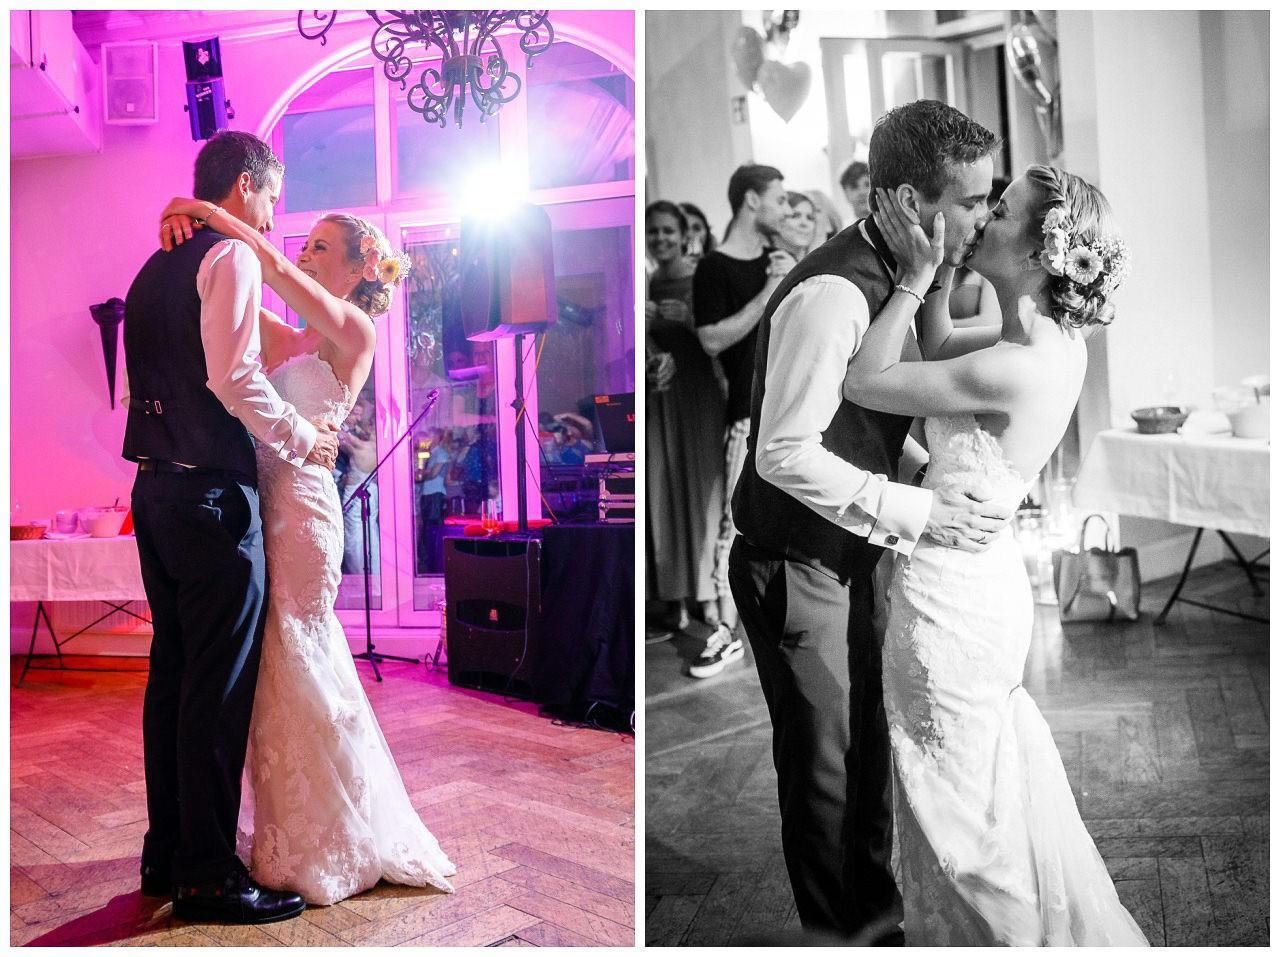 Hochzeitstanz, das Brautpaar tanzt den ersten Tanz.